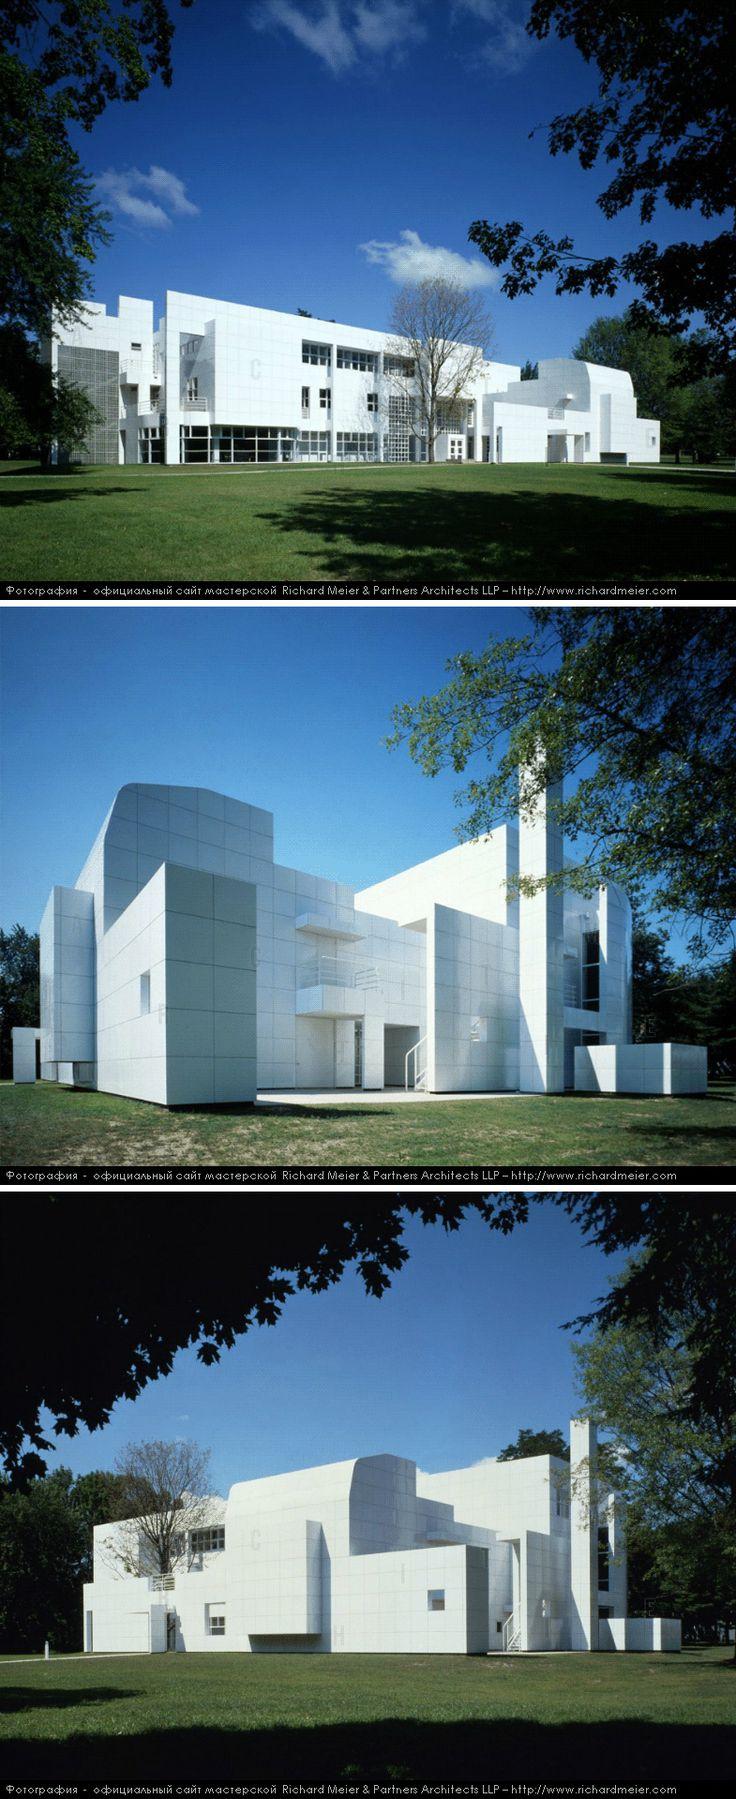 Хартфордская семинария. Хартфорд, штат Коннектикут, США. (1978 - 1981 гг.)